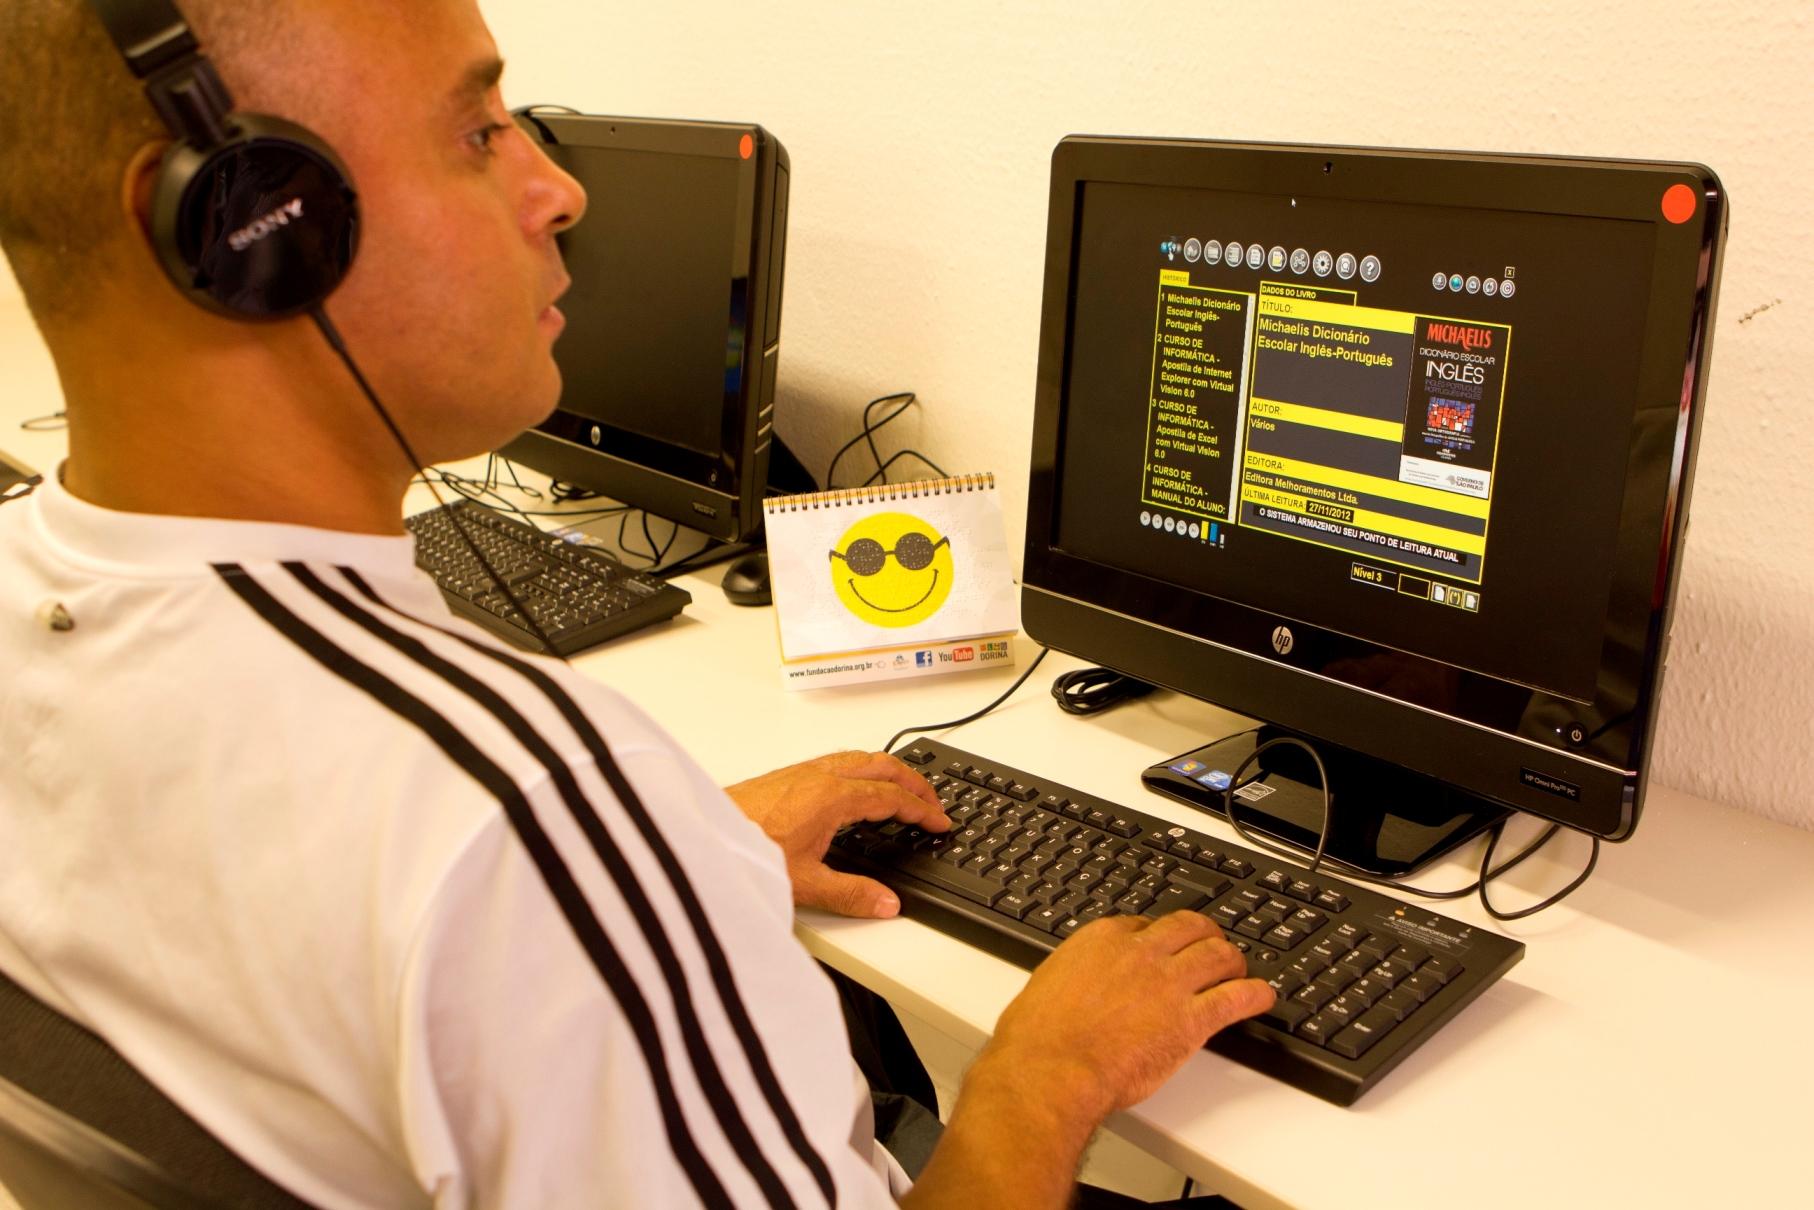 Foto de um homem com deficiência Visual utilizando um Computador, no monitor está aberto um livro digital.